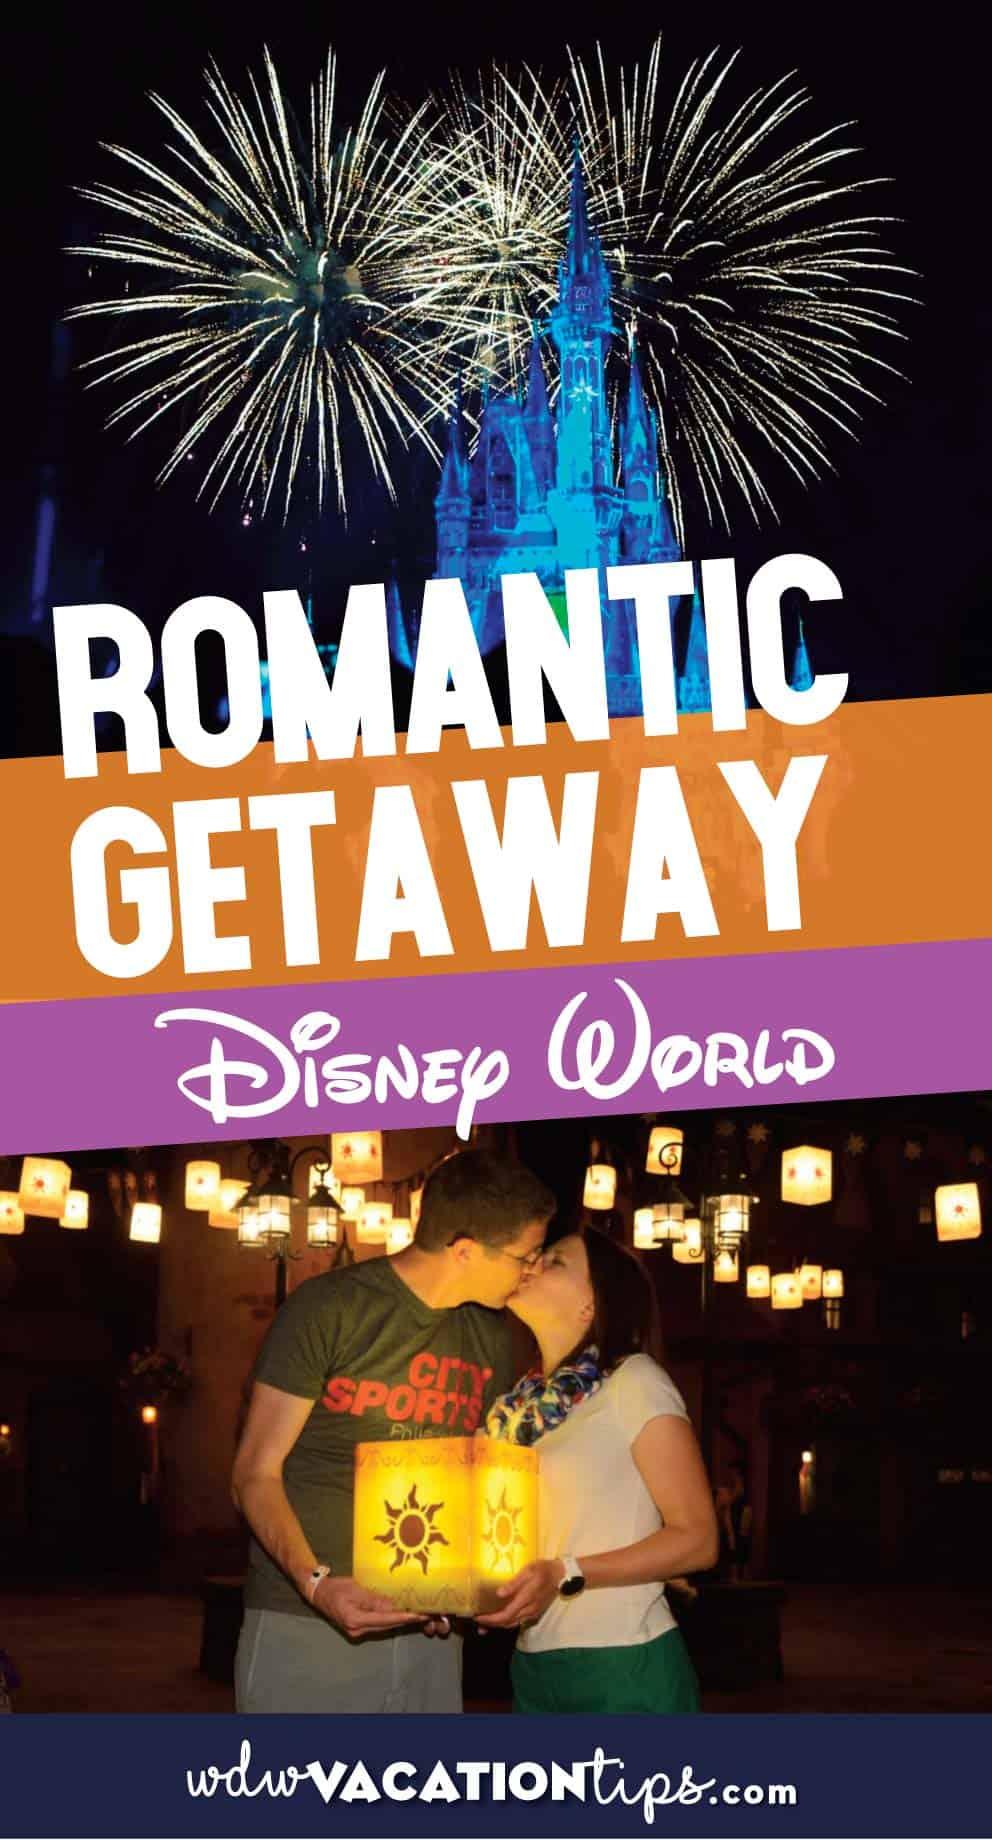 Romantic DIsney getaway